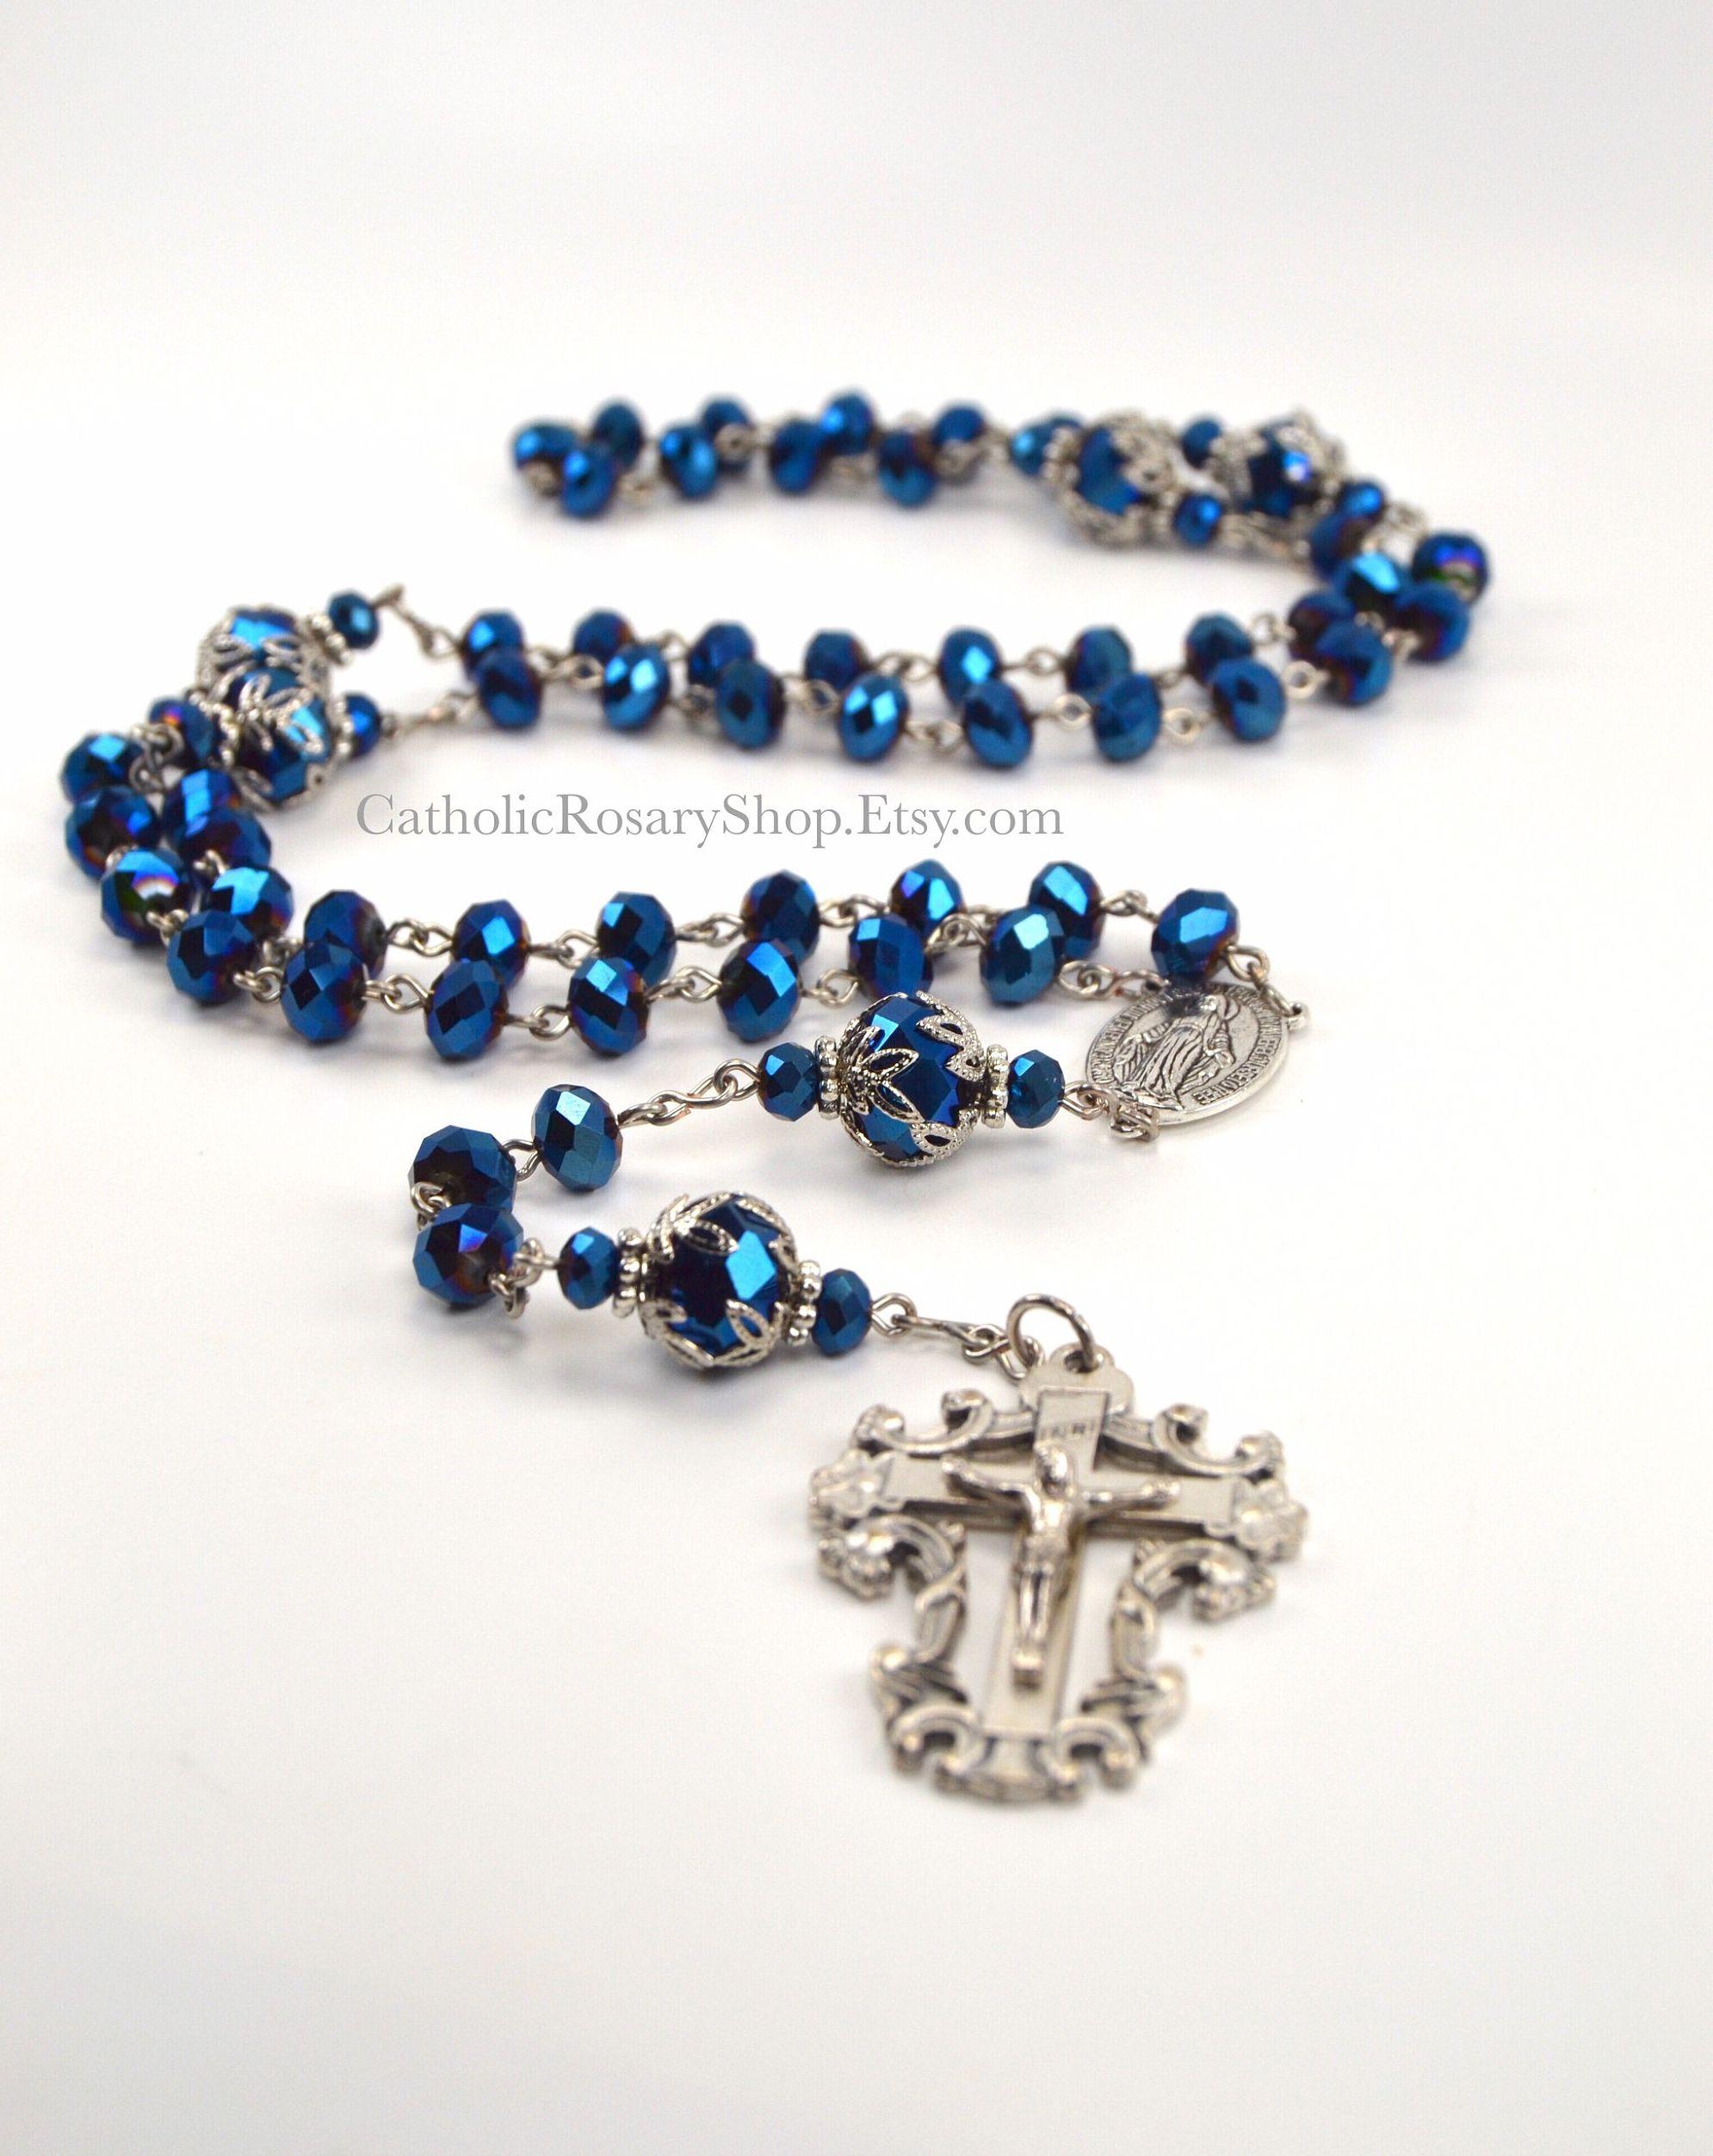 Something Blue Personalized Crystal Catholic Rosary Beads